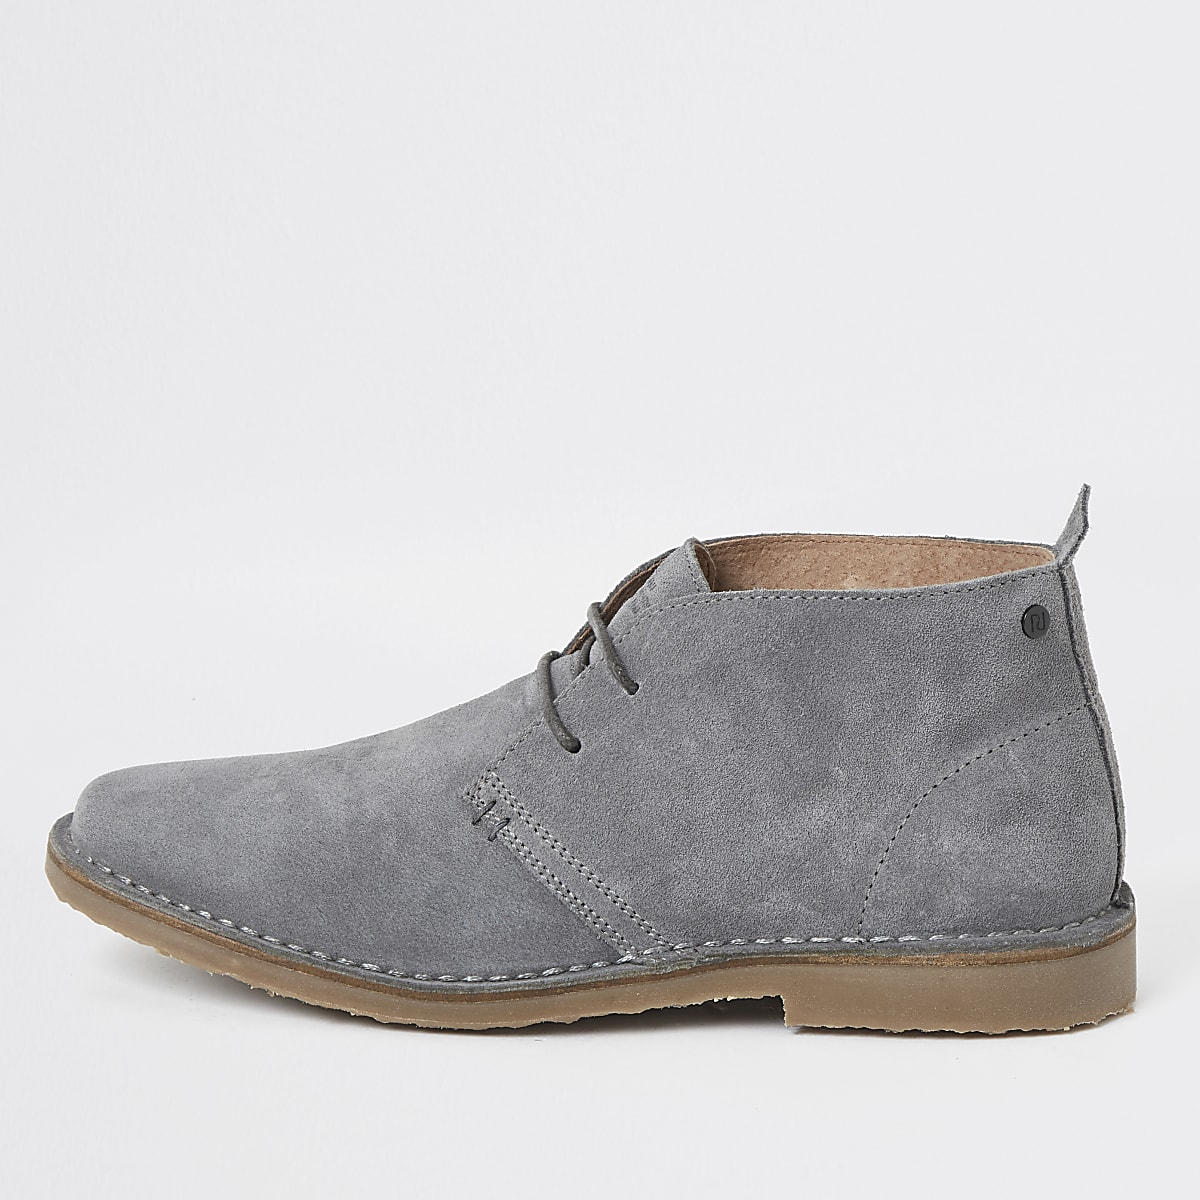 Grey suede desert boots